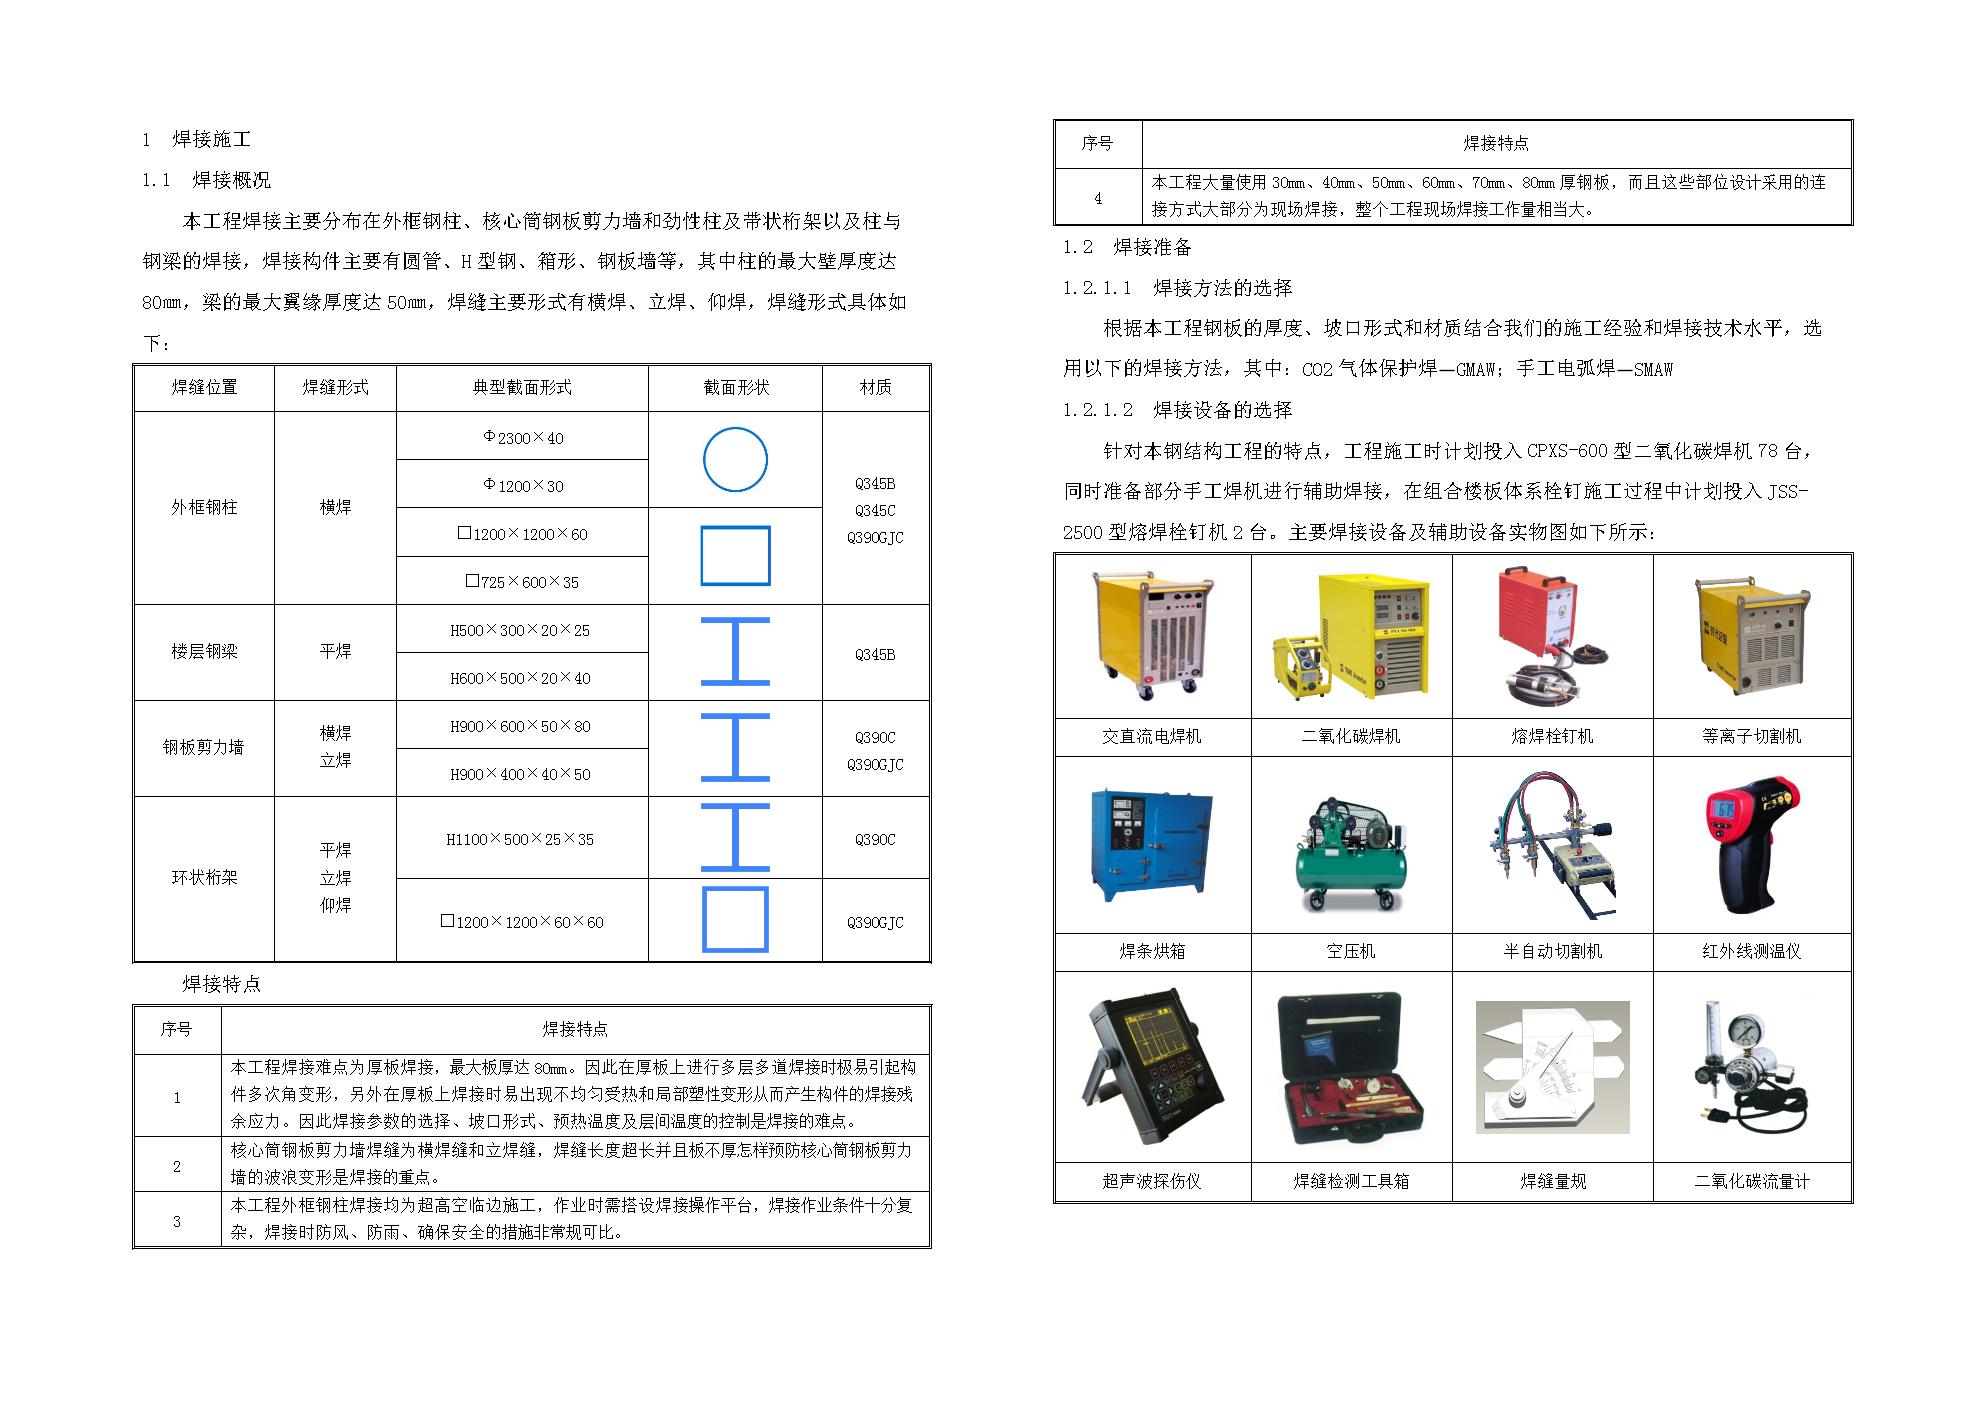 钢结构理制度_《5-钢结构工程施工-焊接-高强螺栓-压型钢板-涂装施工.doc》